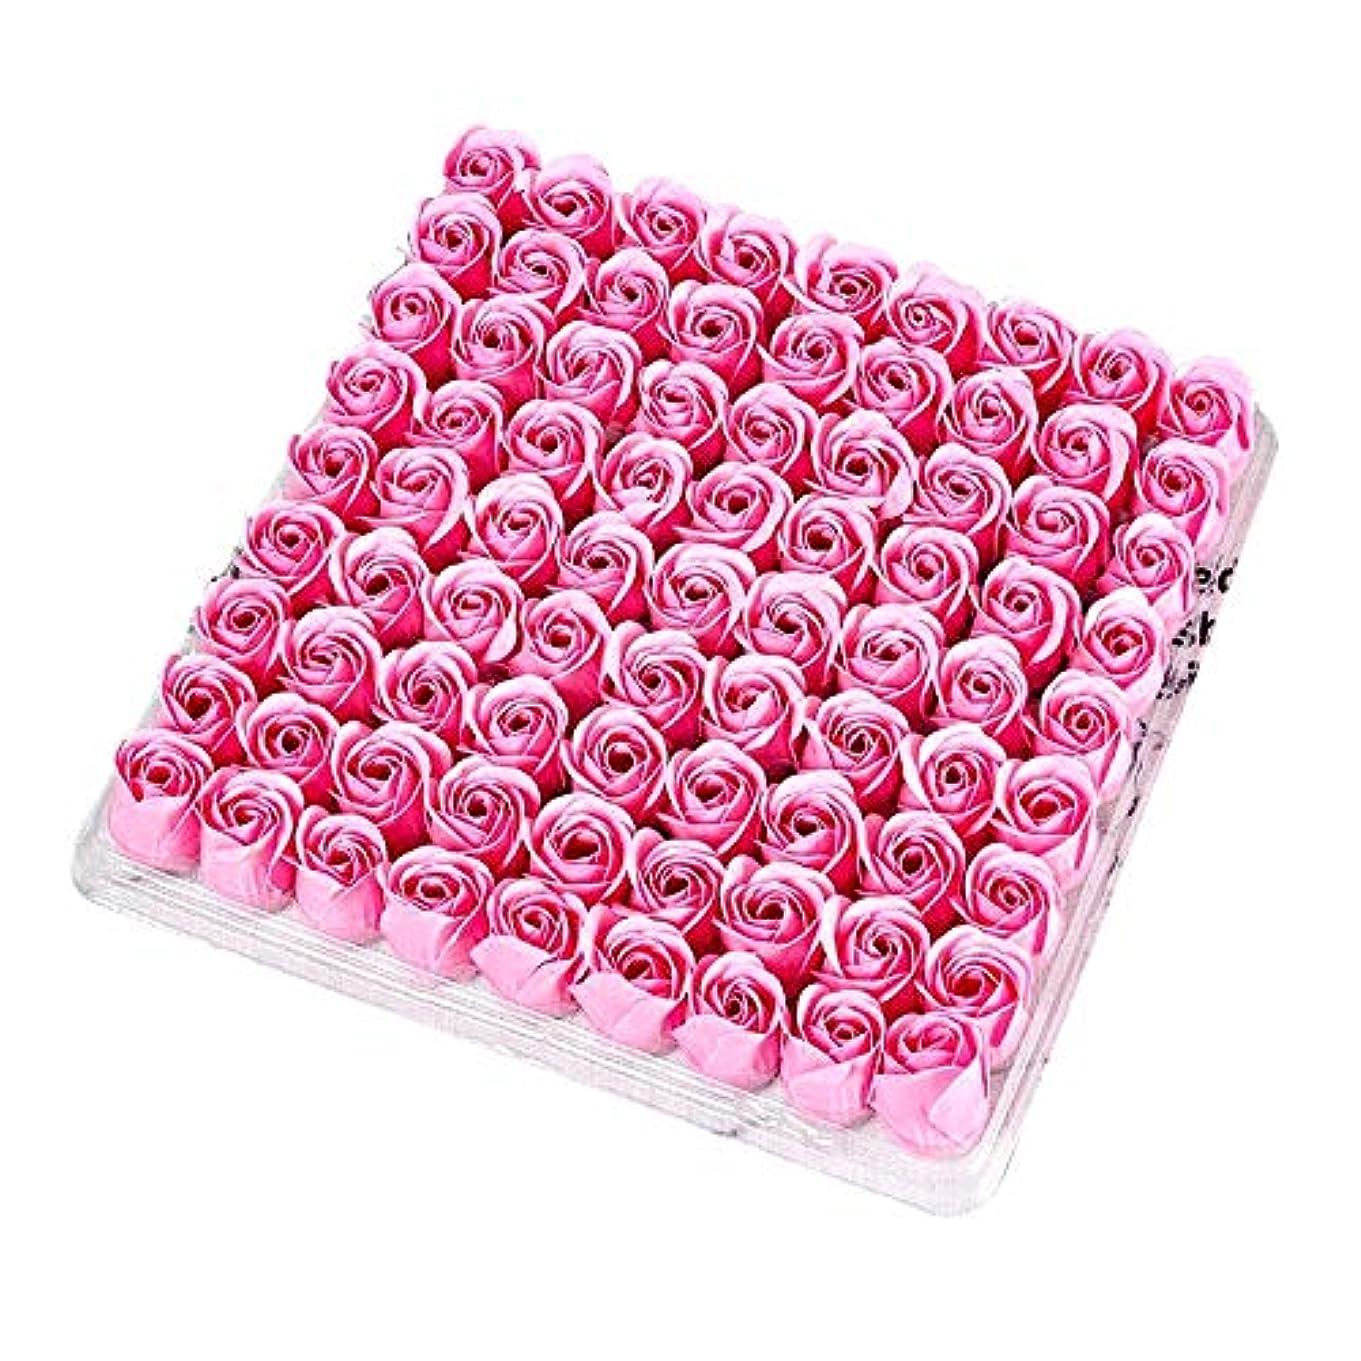 たぶん卵準備したCUHAWUDBA 81個の薔薇、バス ボディ フラワー?フローラルの石けん 香りのよいローズフラワー エッセンシャルオイル フローラルのお客様への石鹸 ウェディング、パーティー、バレンタインデーの贈り物、ピンク